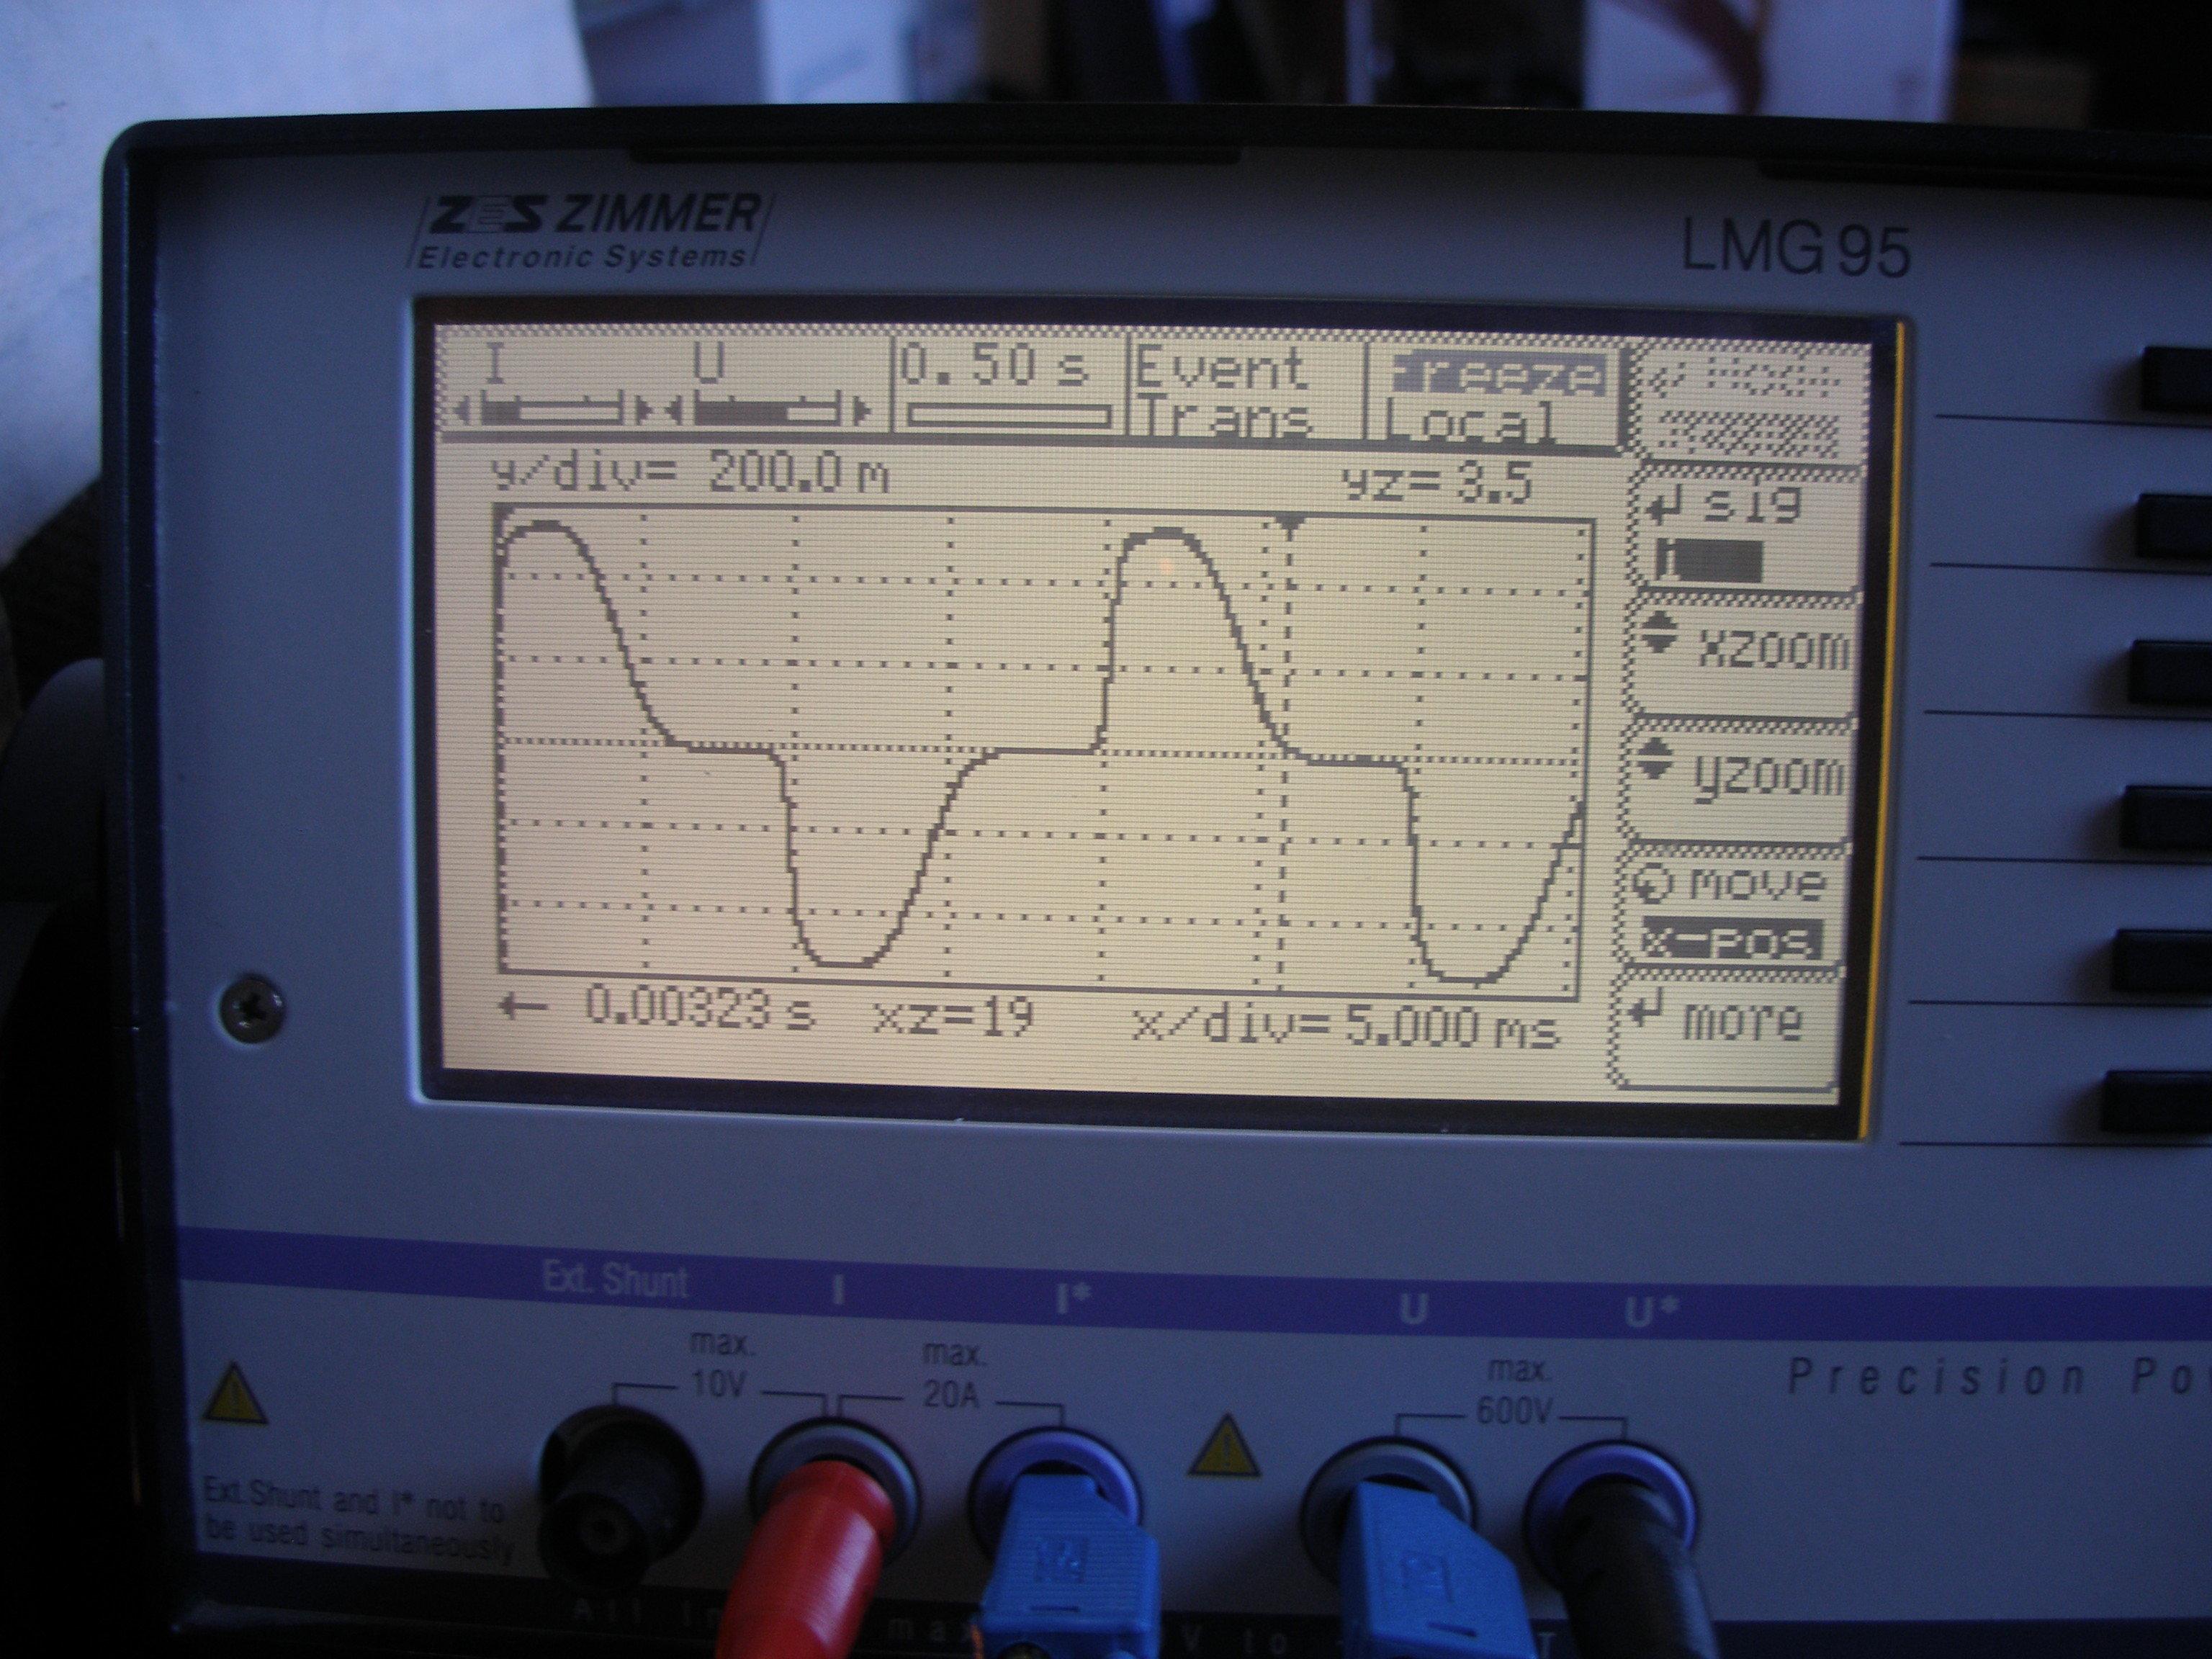 L-Lampe_Gl_i Spannende Elektronisches Vorschaltgerät Leuchtstofflampe Schaltplan Dekorationen